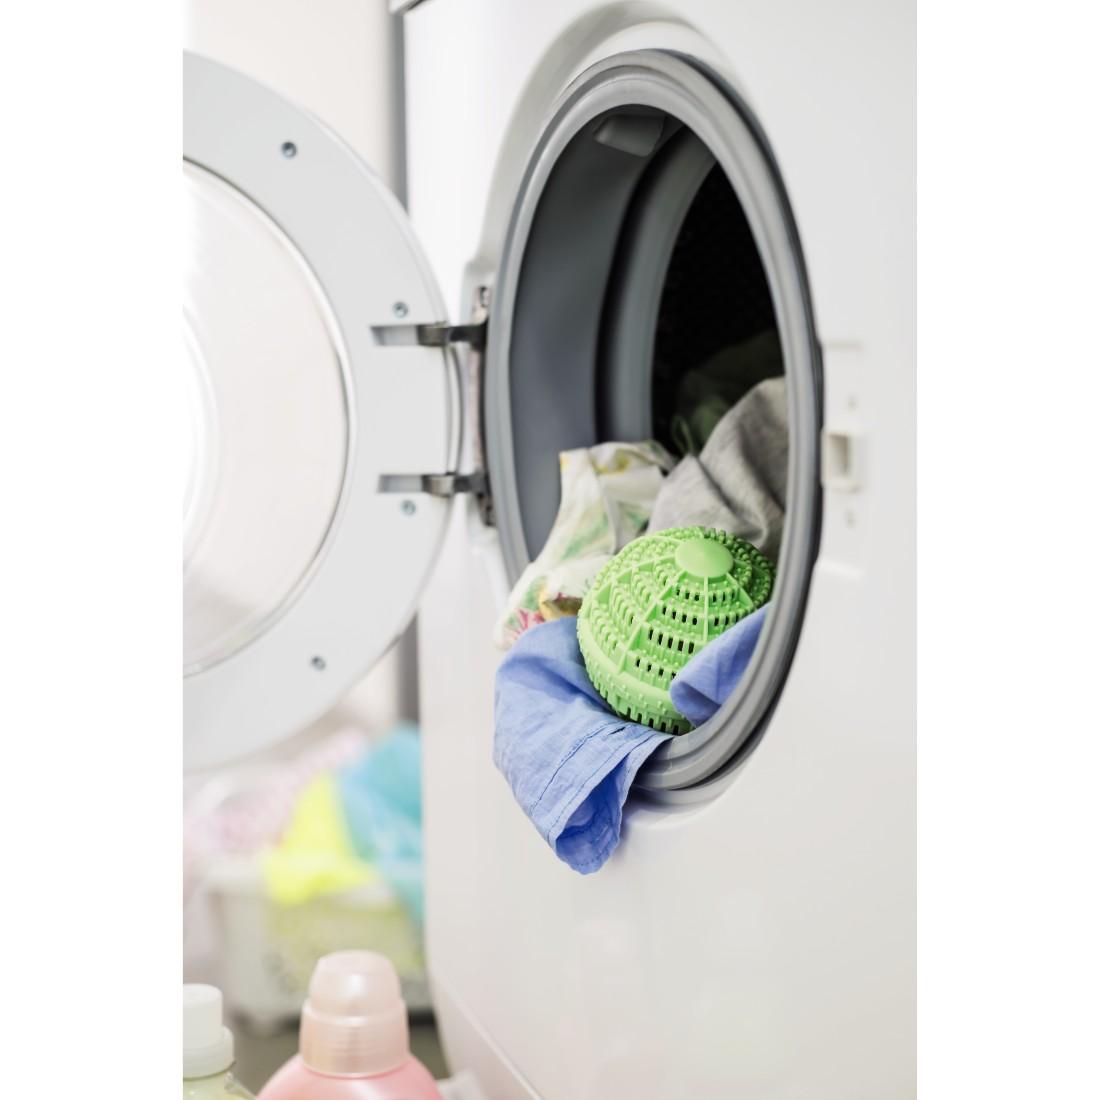 e216ce2d2 Guľa na pranie Xavax Power Pearls online eshop predaj